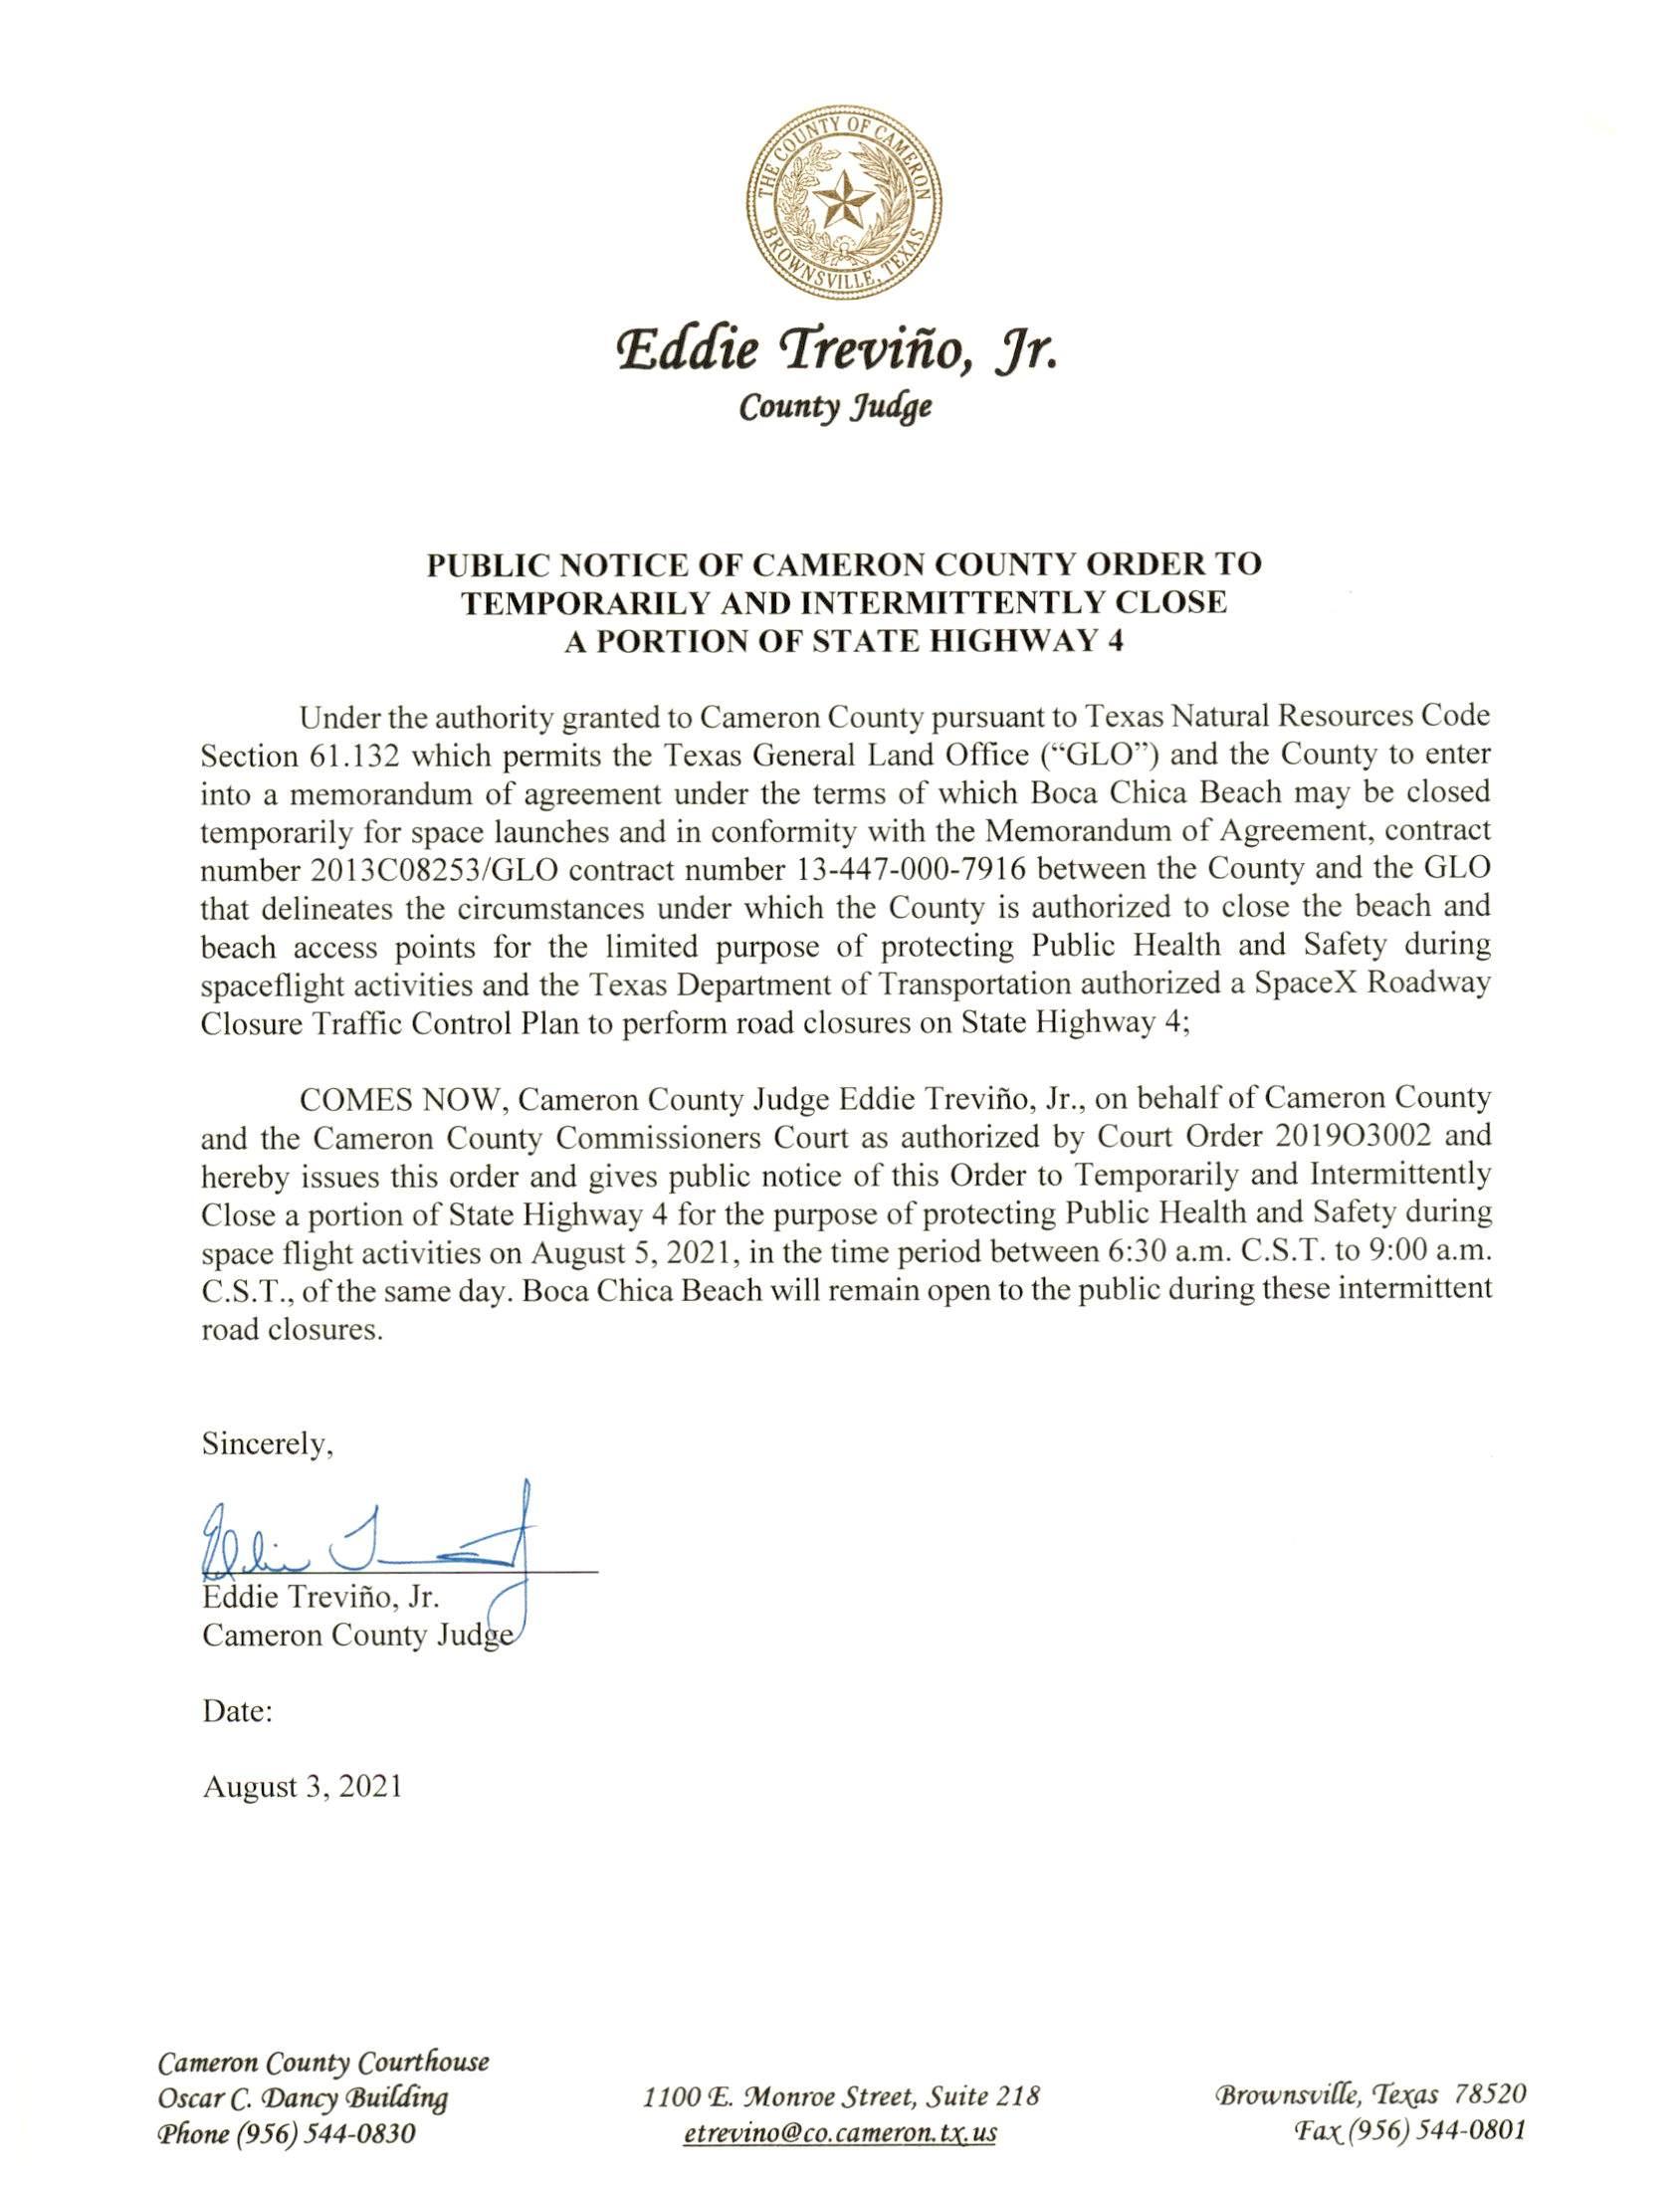 PUBLIC NOTICE OF CAMERON COUNTY ORDER TEMP. ROAD CLOSURE. 08.05.2021